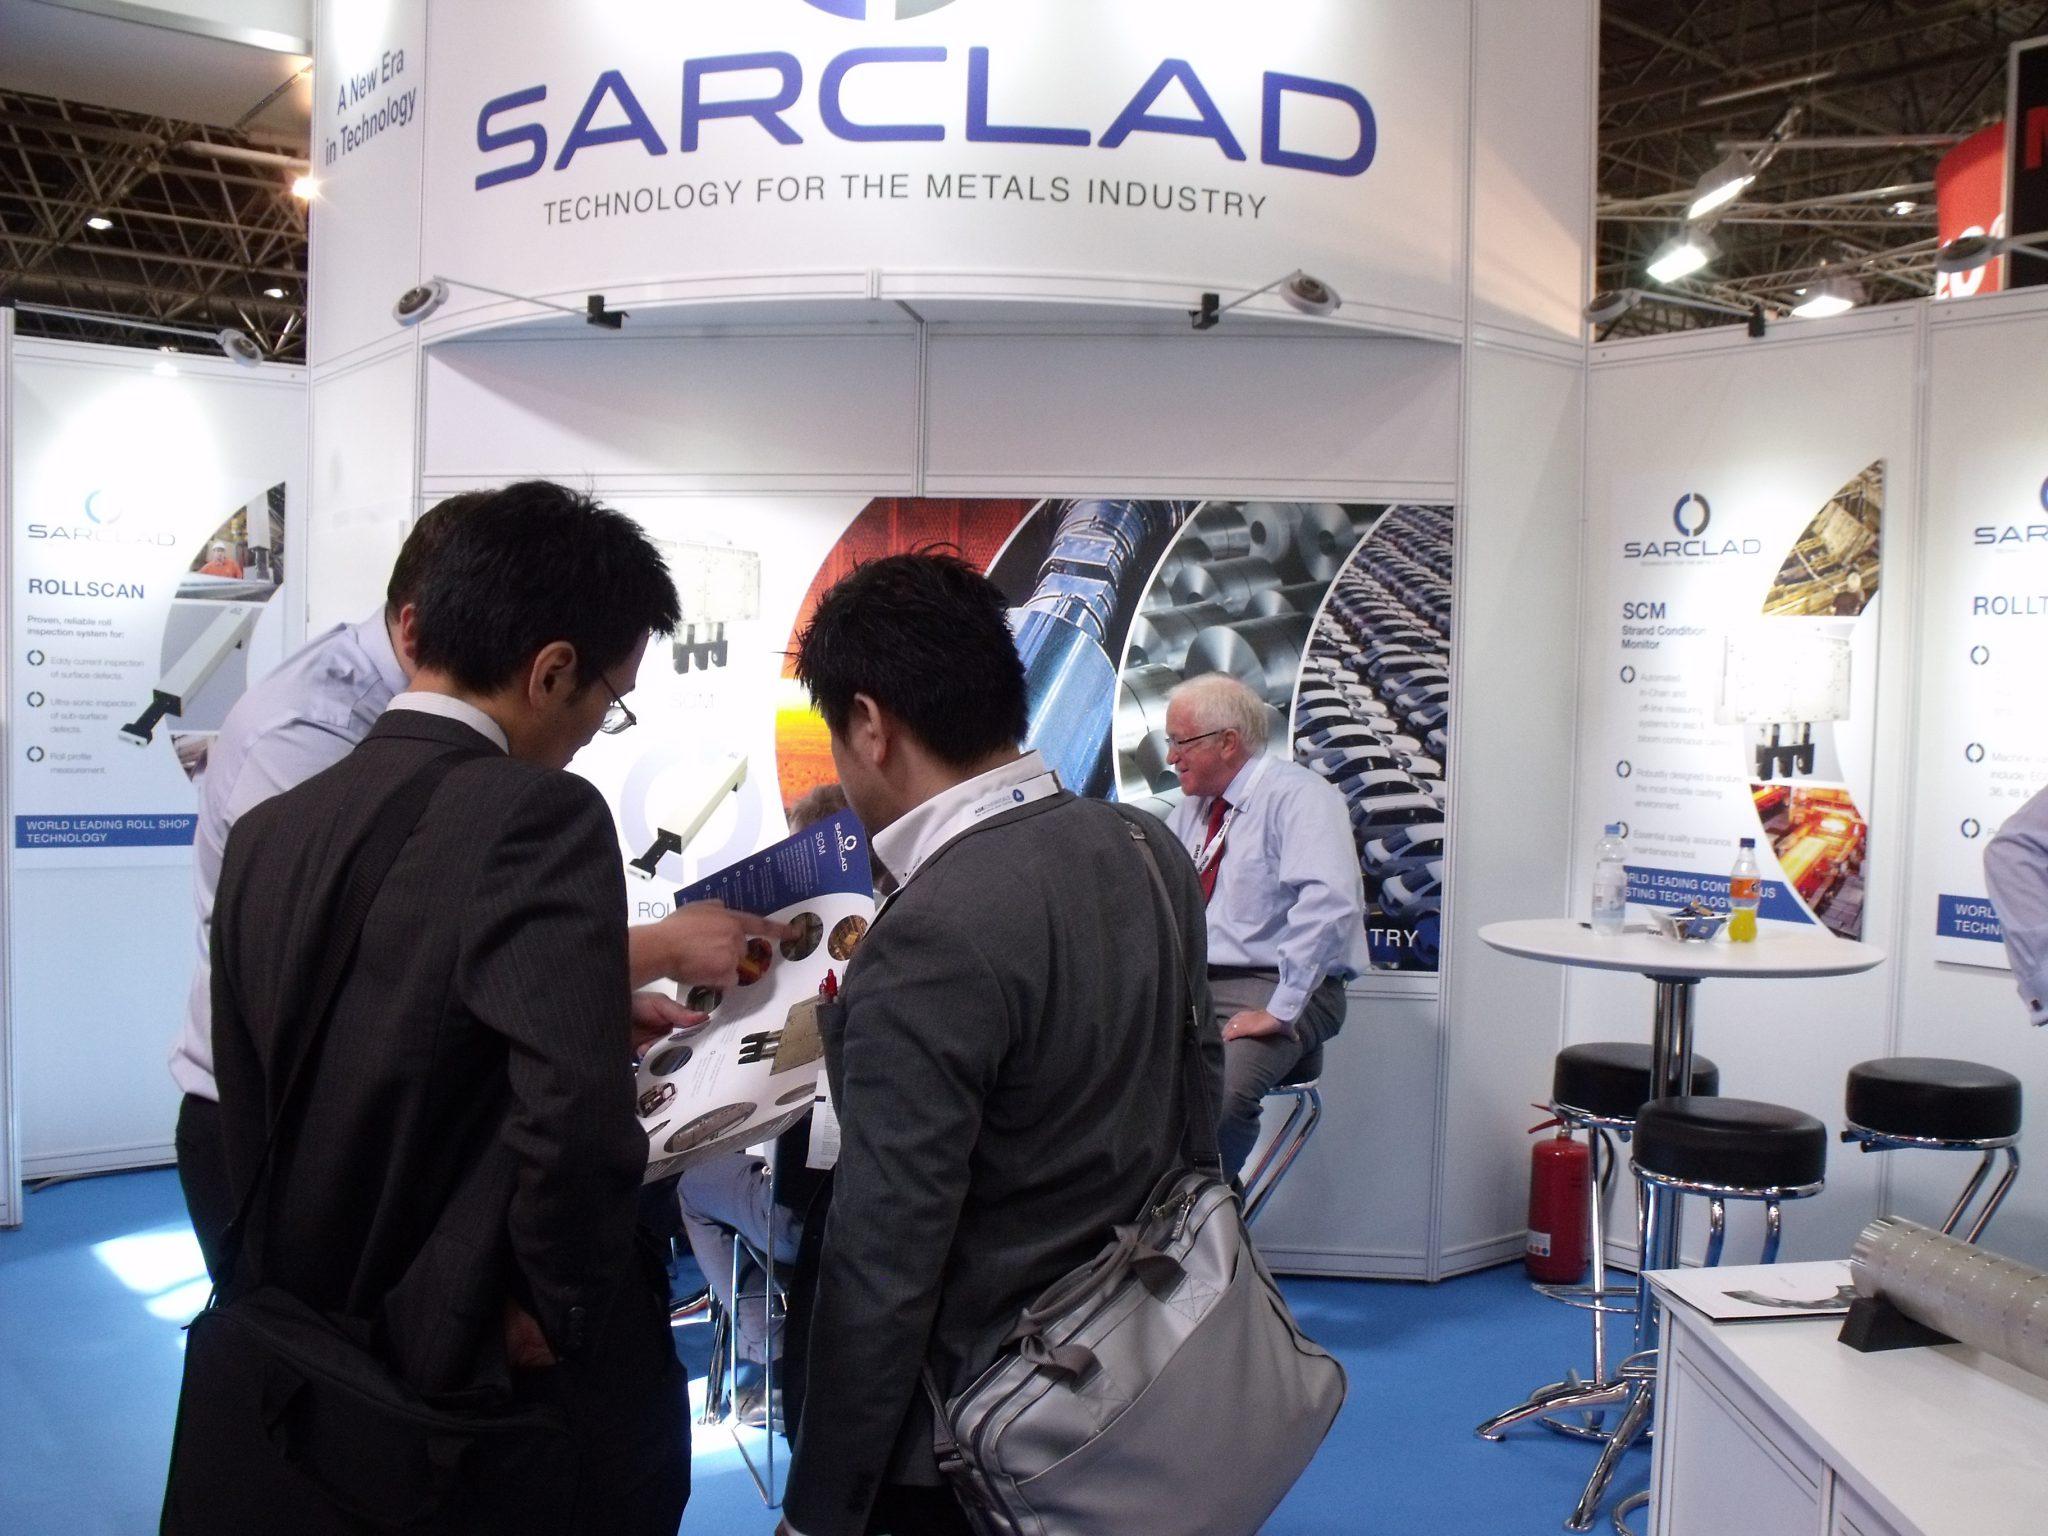 Sarclad attend METEC 2015 in Dusseldorf Germany